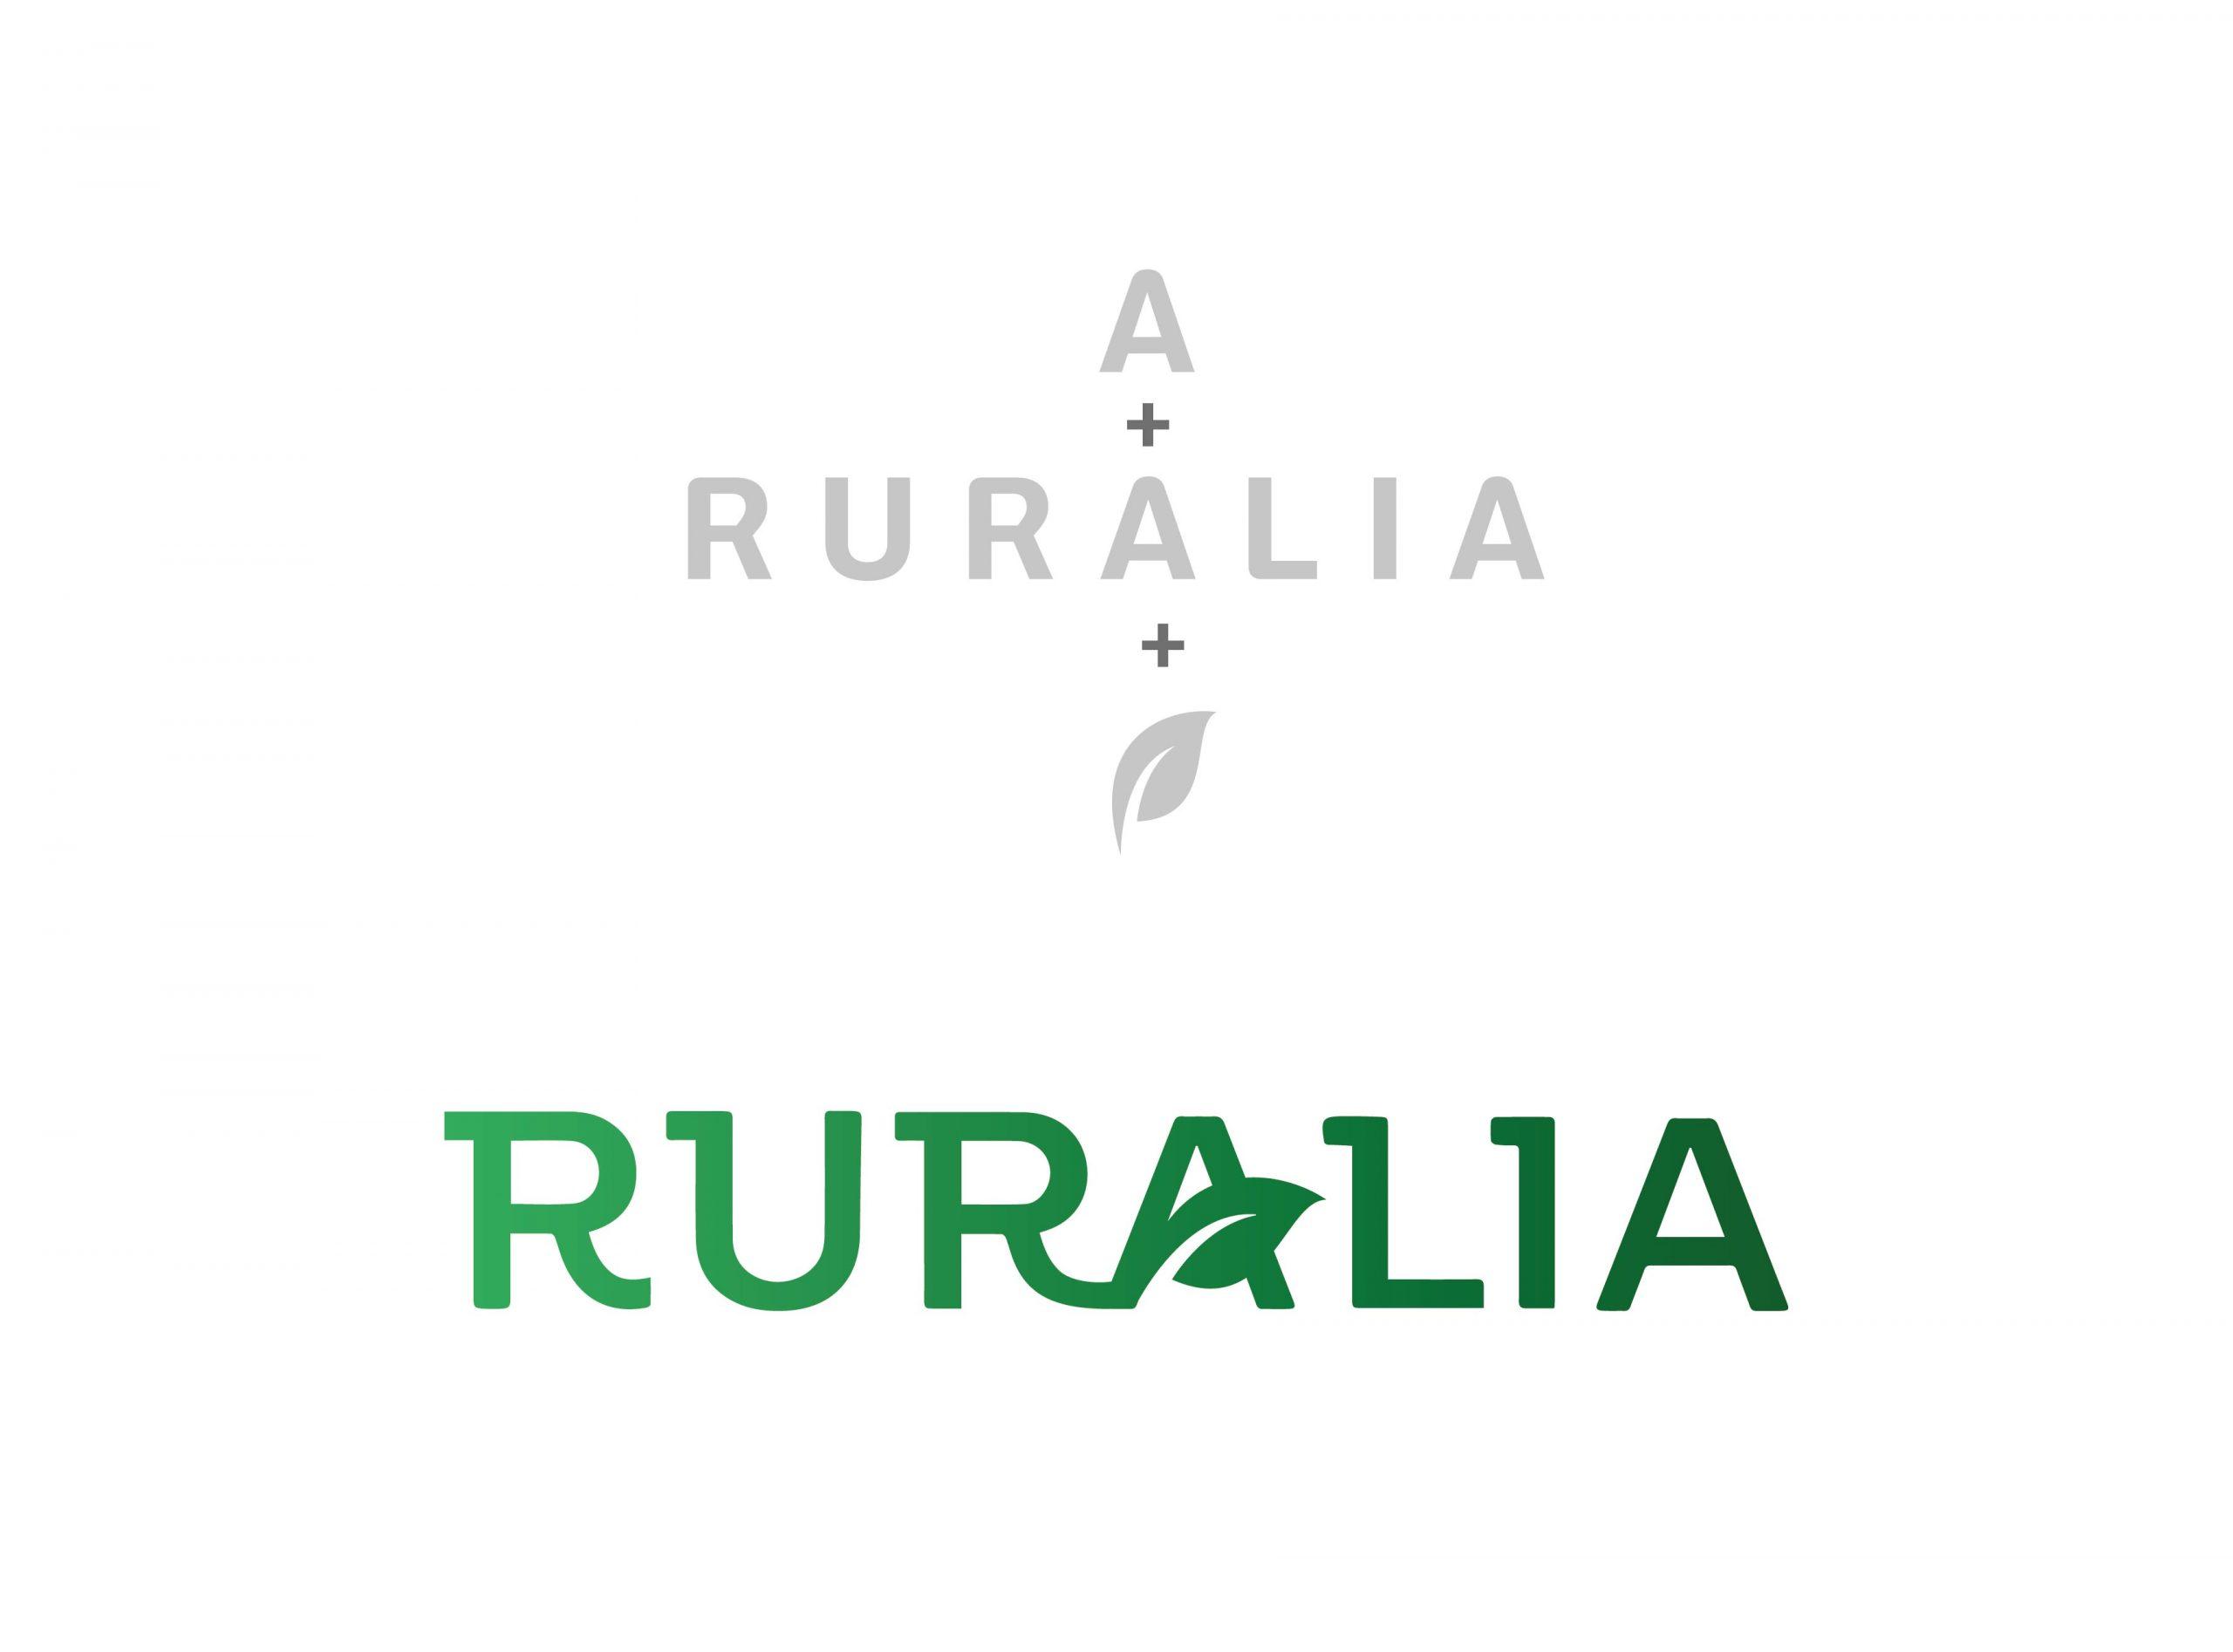 RURALIA-02